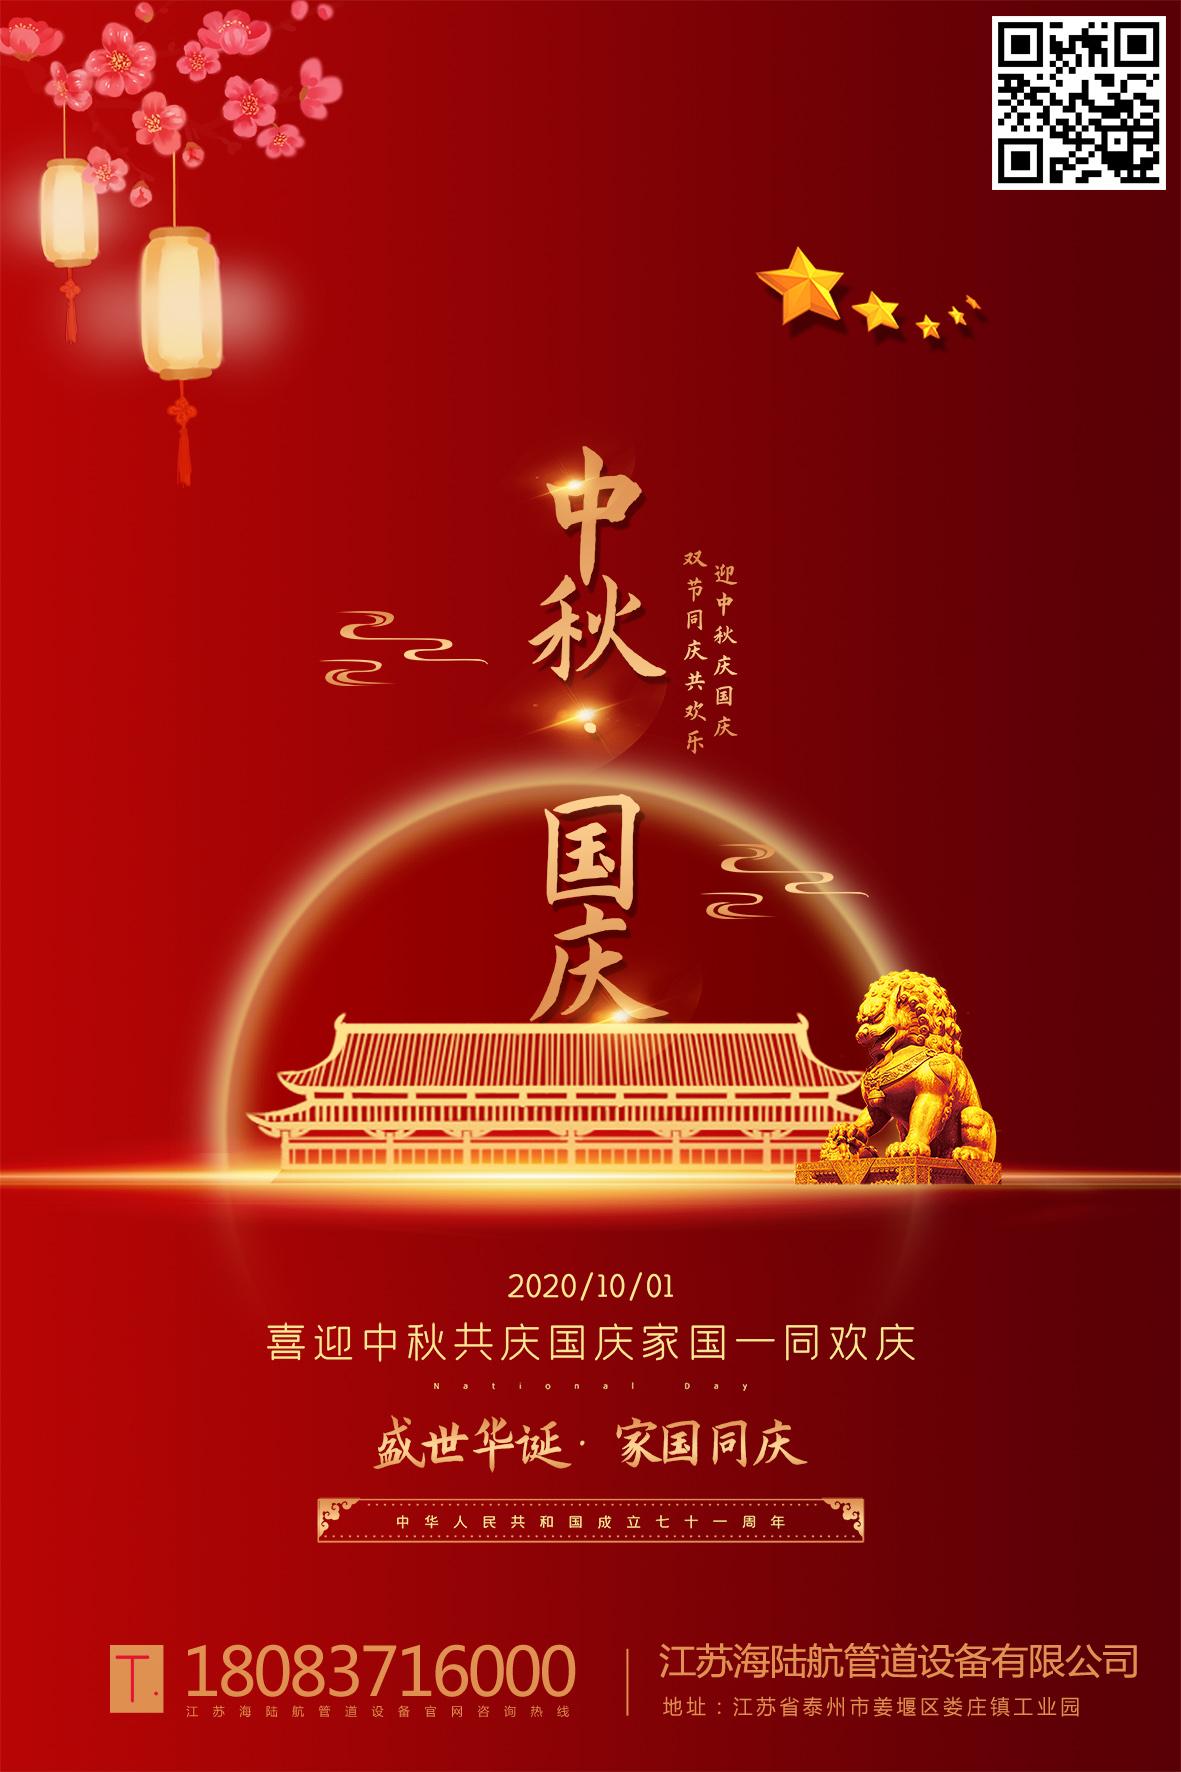 祝大家国庆中秋双节快乐!